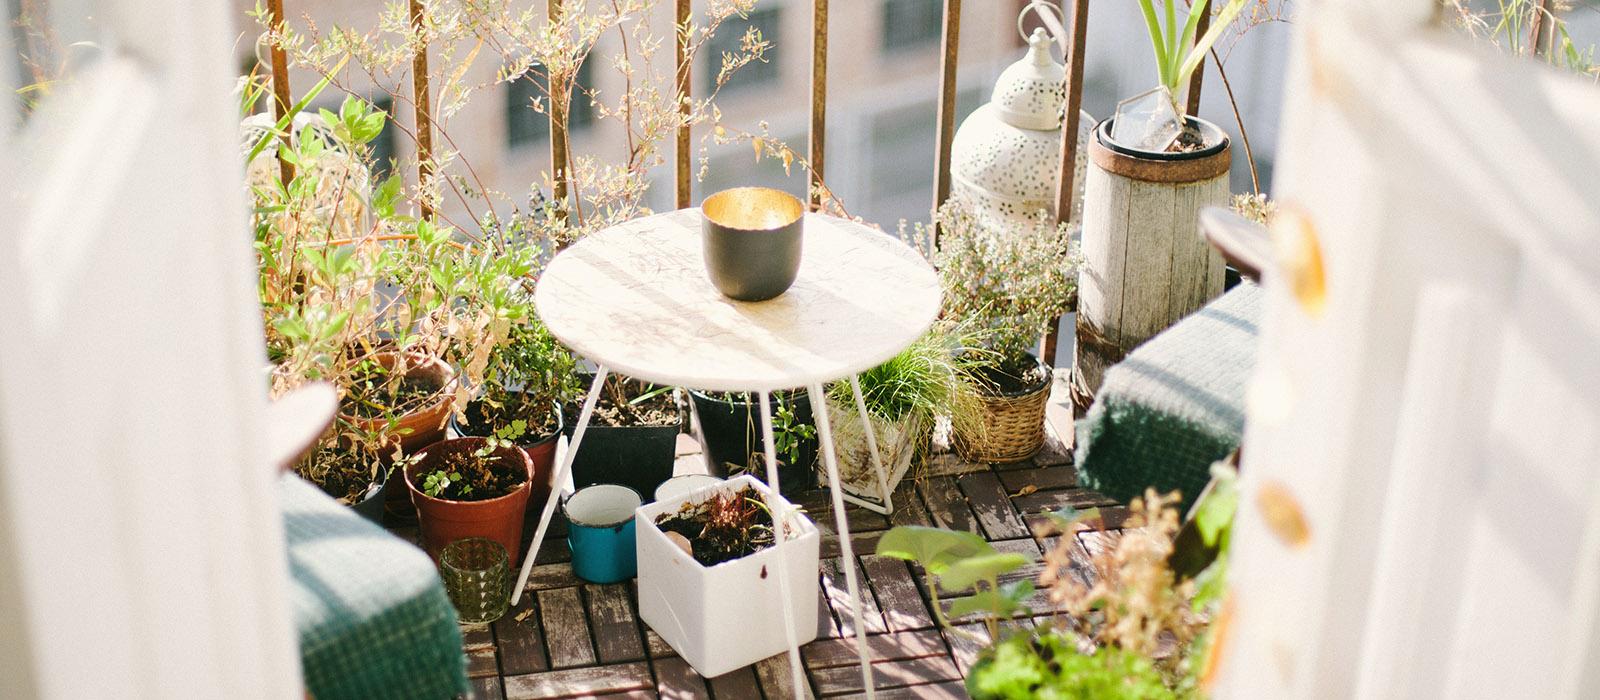 Ett runt bord med nätta ben är perfekt till den lilla balkongen.